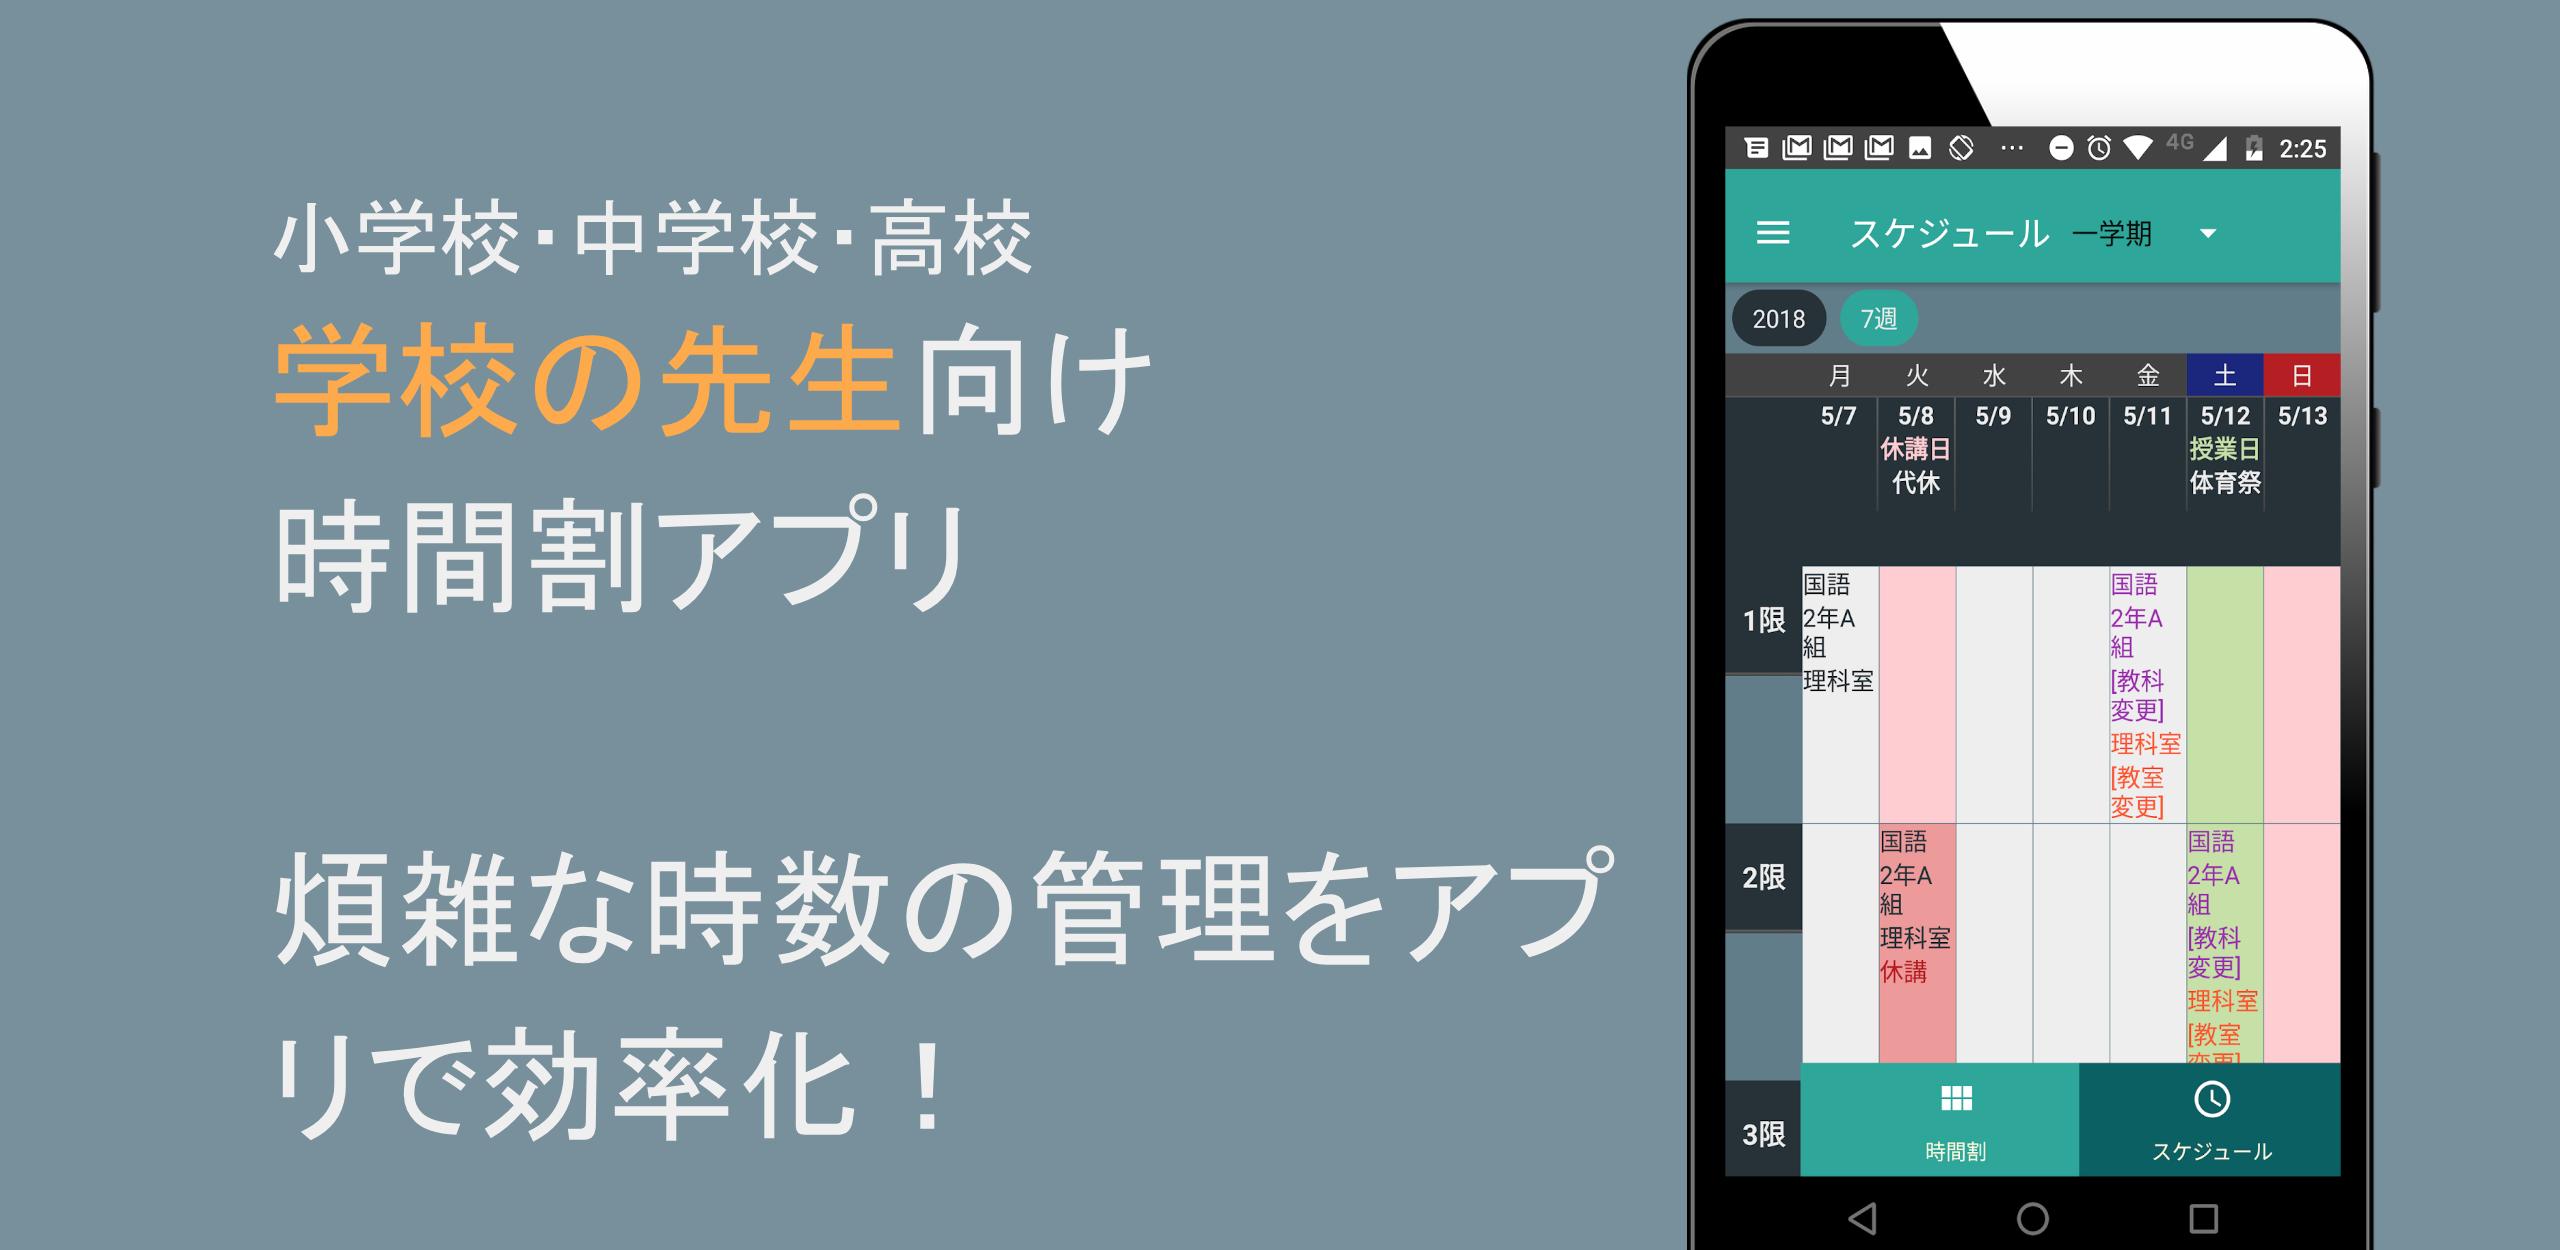 時間割アプリ画像 (1).png